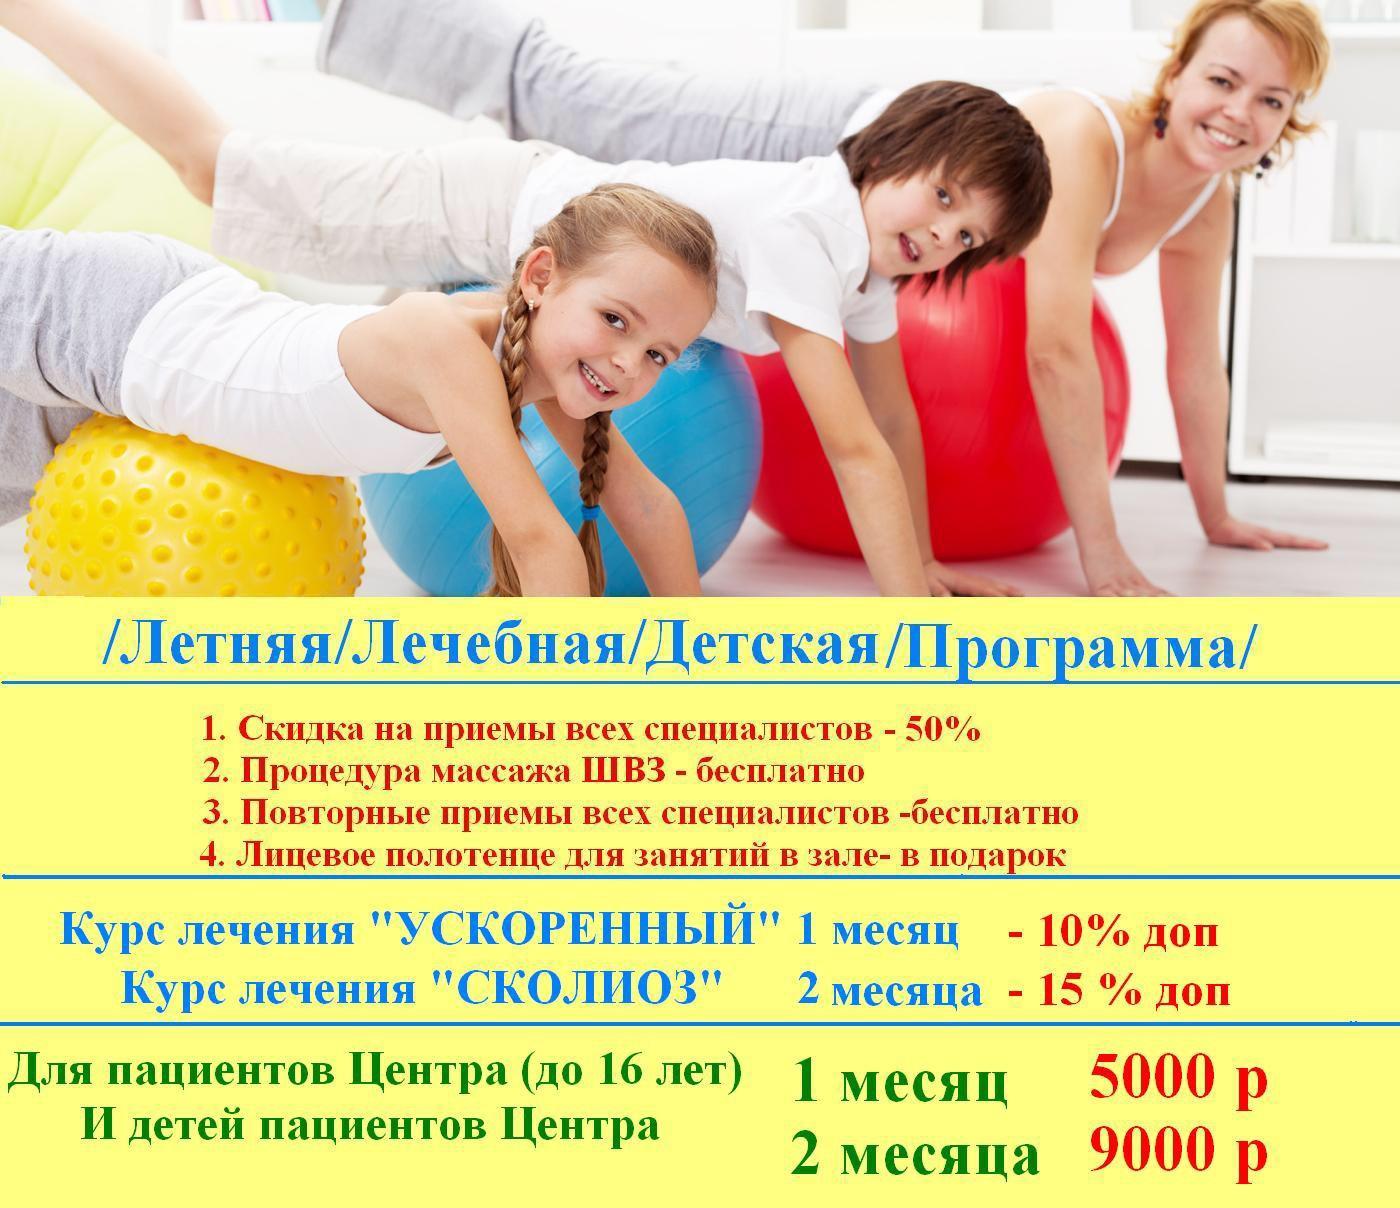 Летняя/Лечебная/Детская/Программа